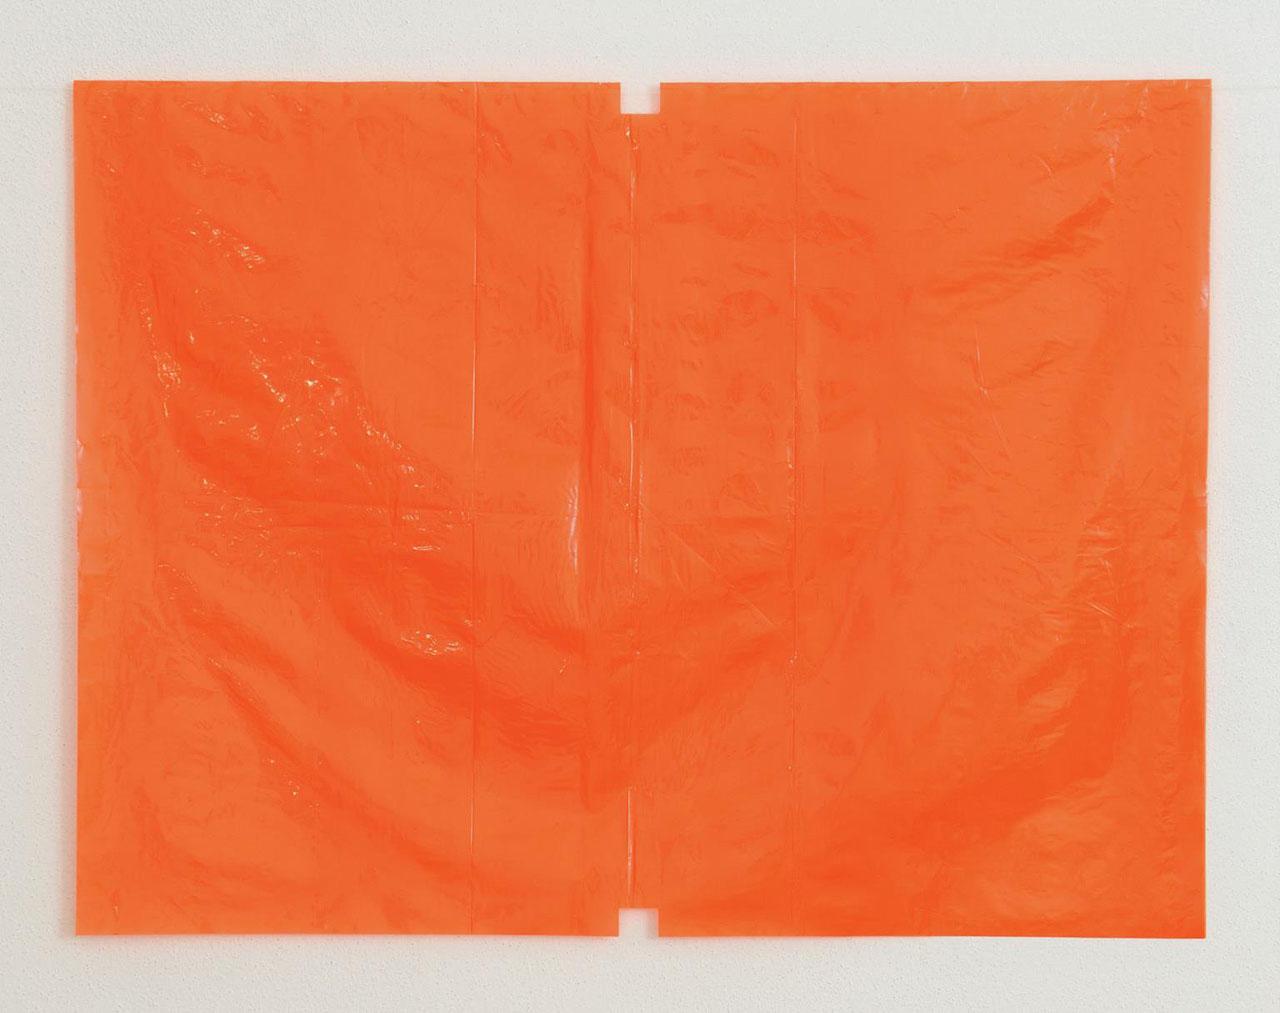 Un'opera di Antonio Scaccabarozzi